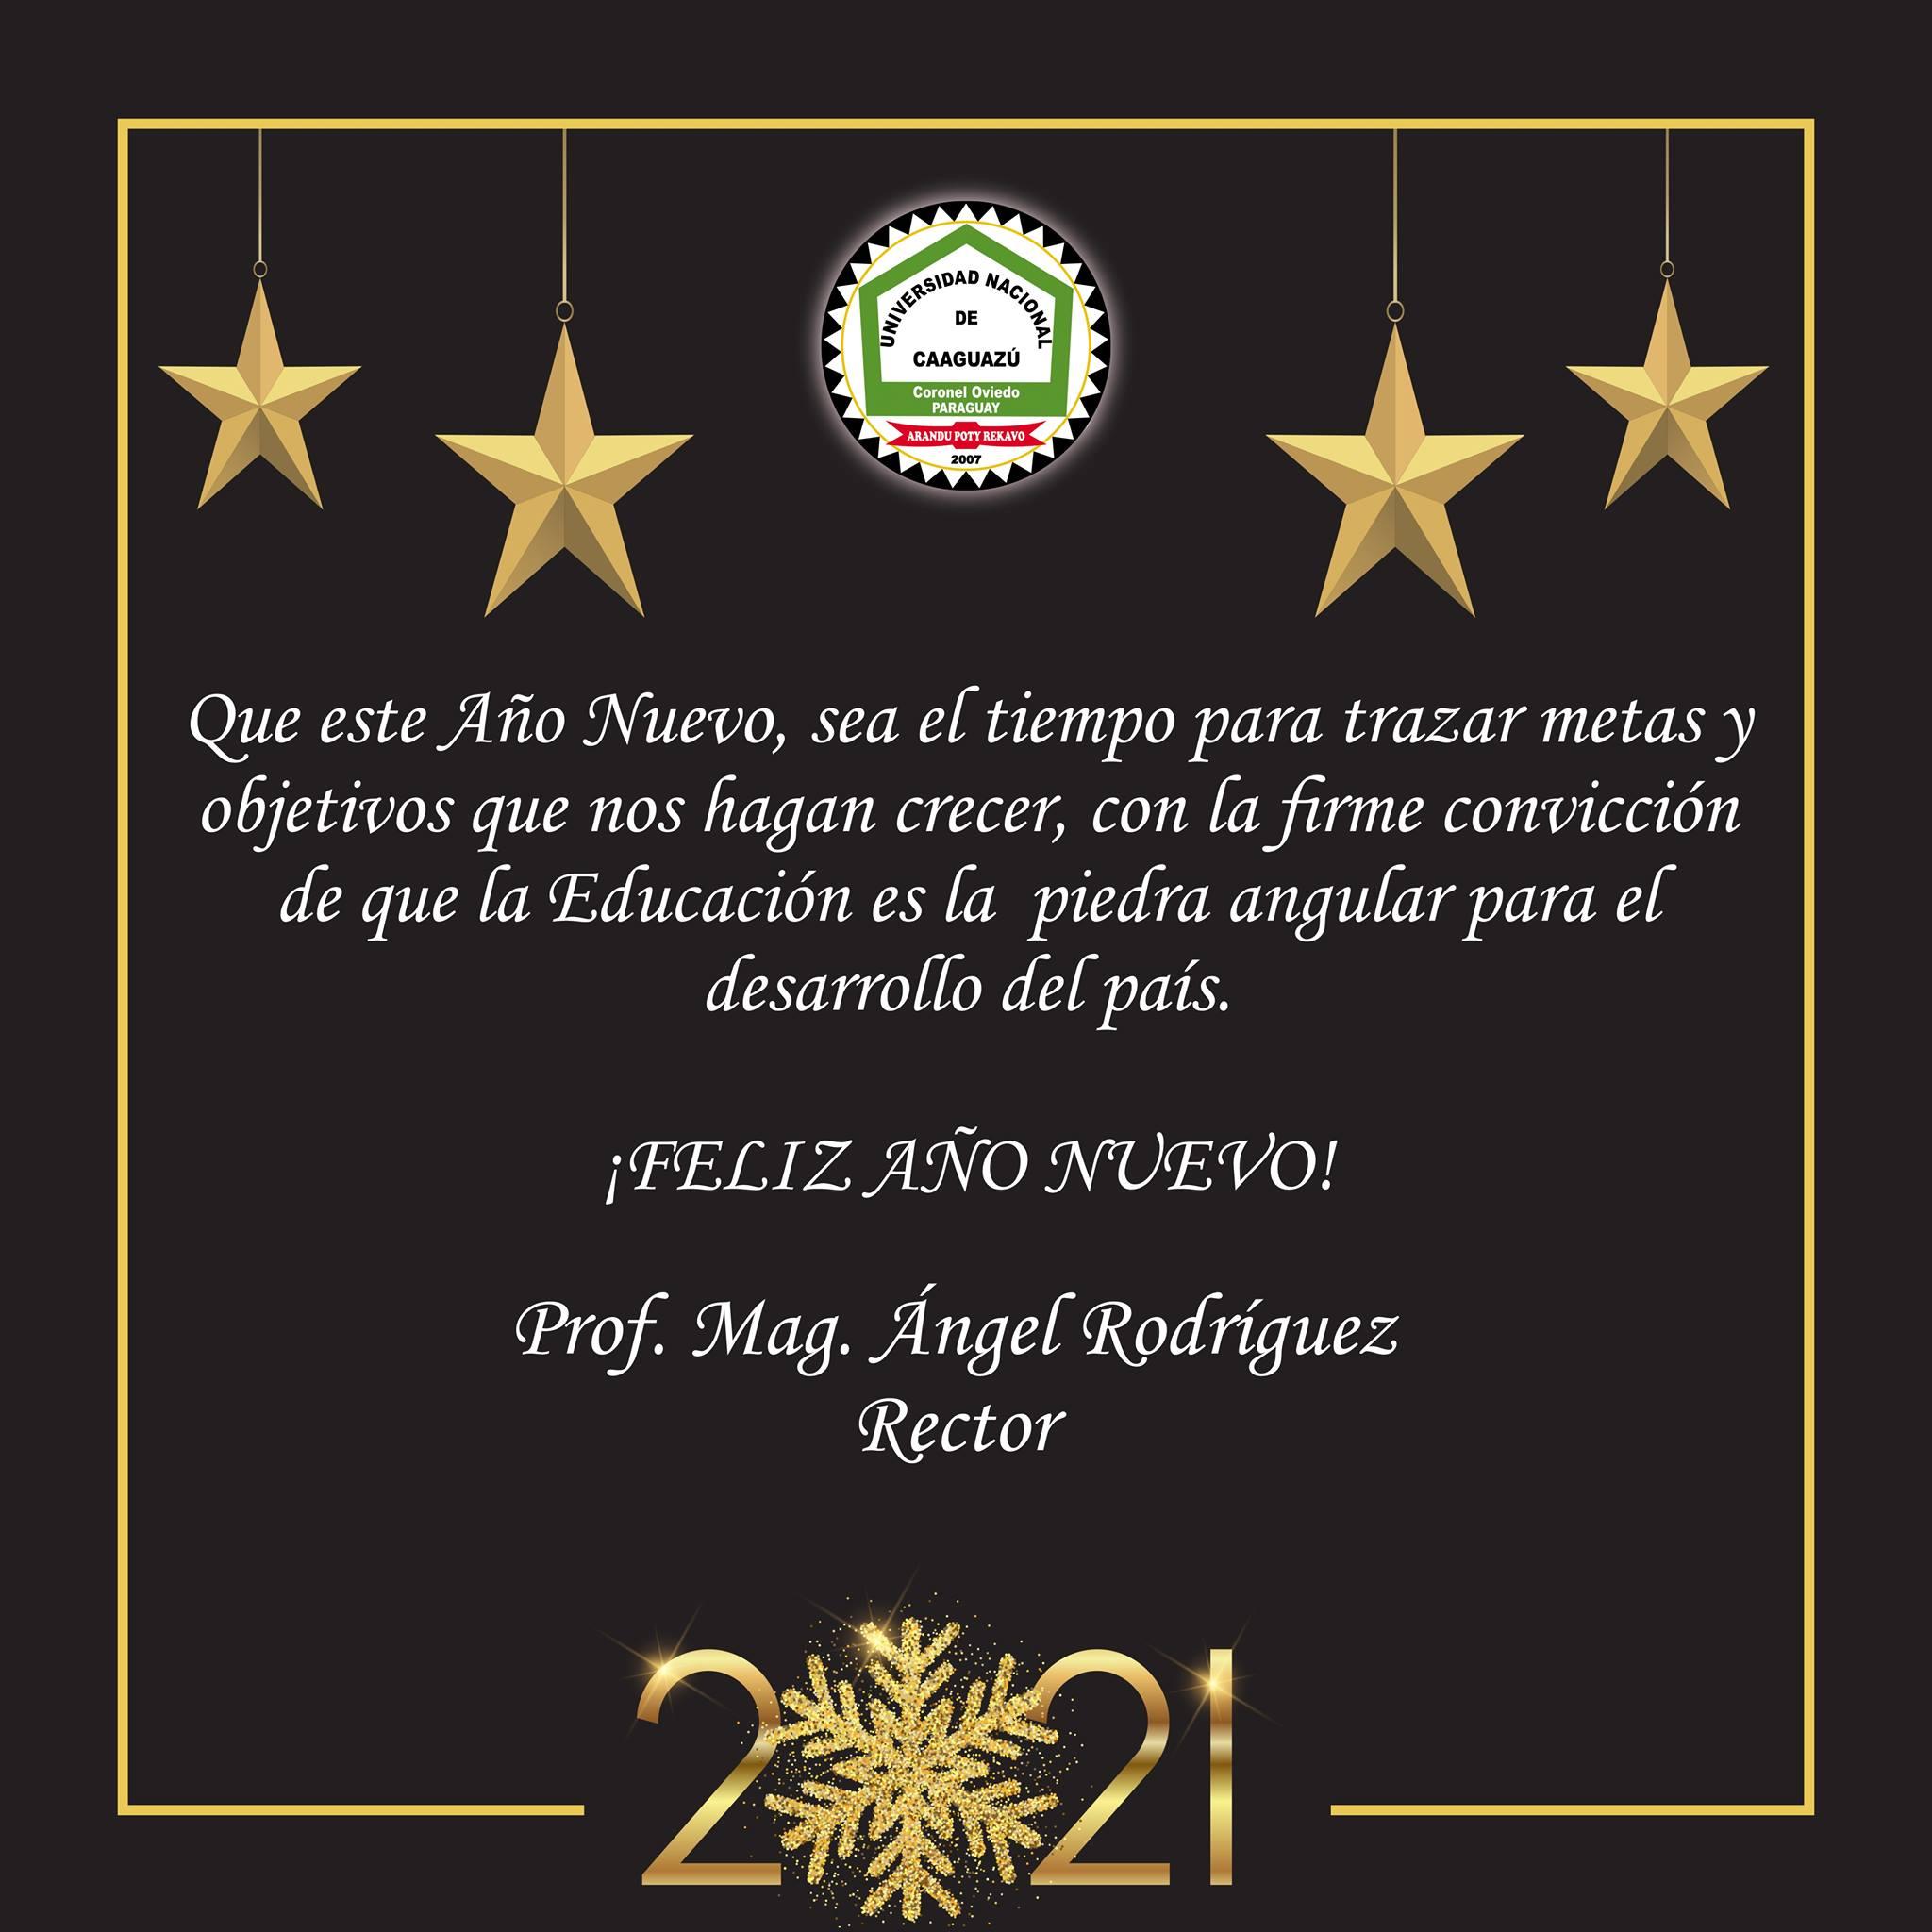 📌Mensaje del Rector de la Universidad Nacional de Caaguazú – Prof. Mag. Ángel Rodríguez